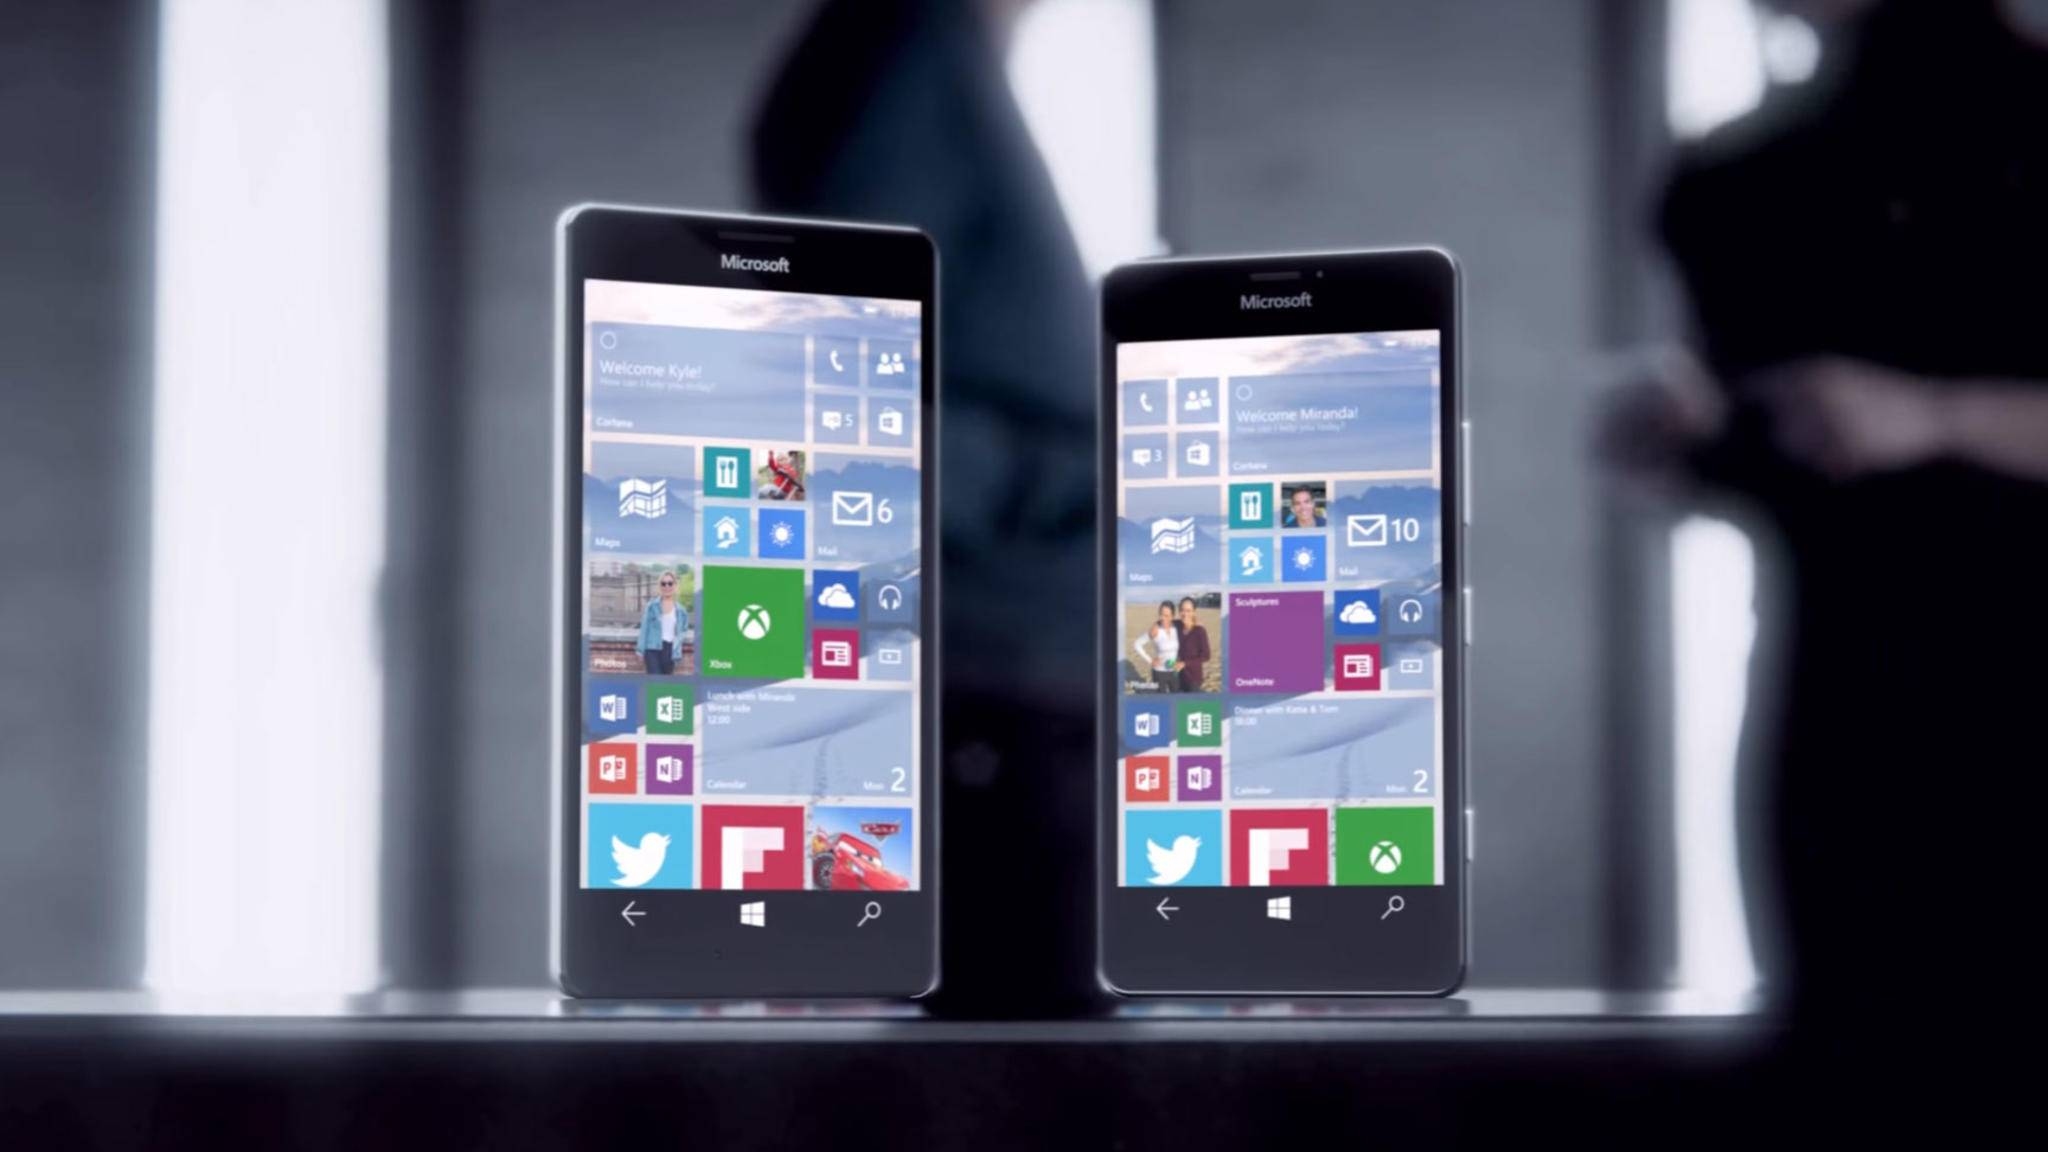 Offenbar befindet sich eine alternative Variante von Windows Mobile bei Microsoft in der Entwicklung.